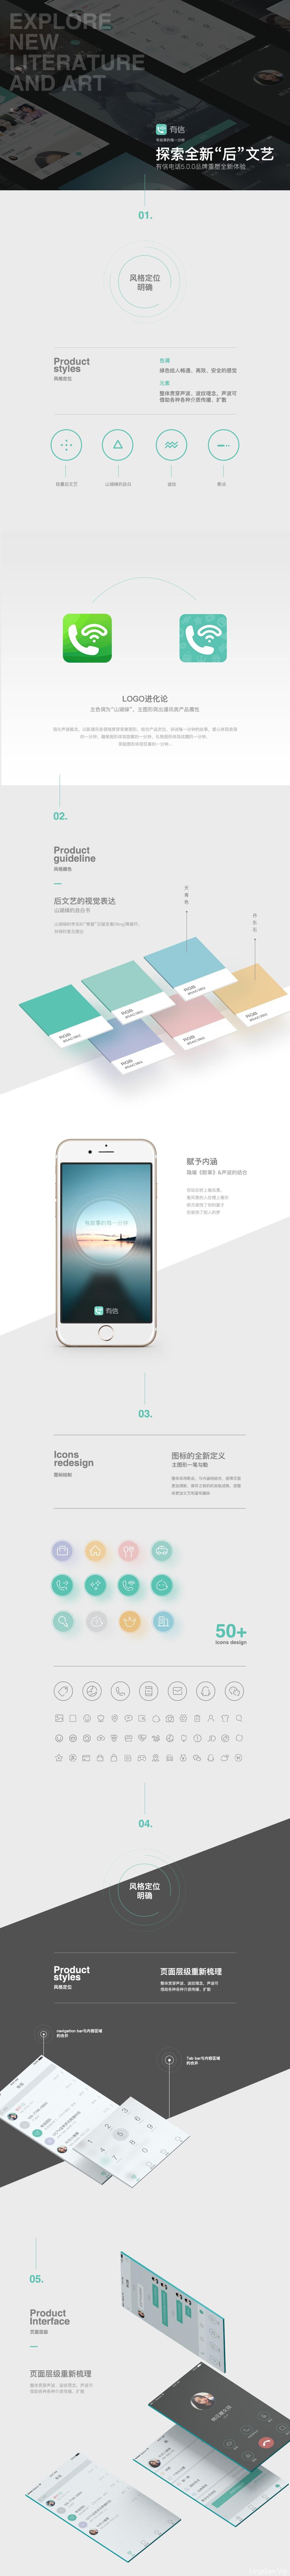 有信5.0.0APP客户端-品牌重塑全新体验手机UI设计